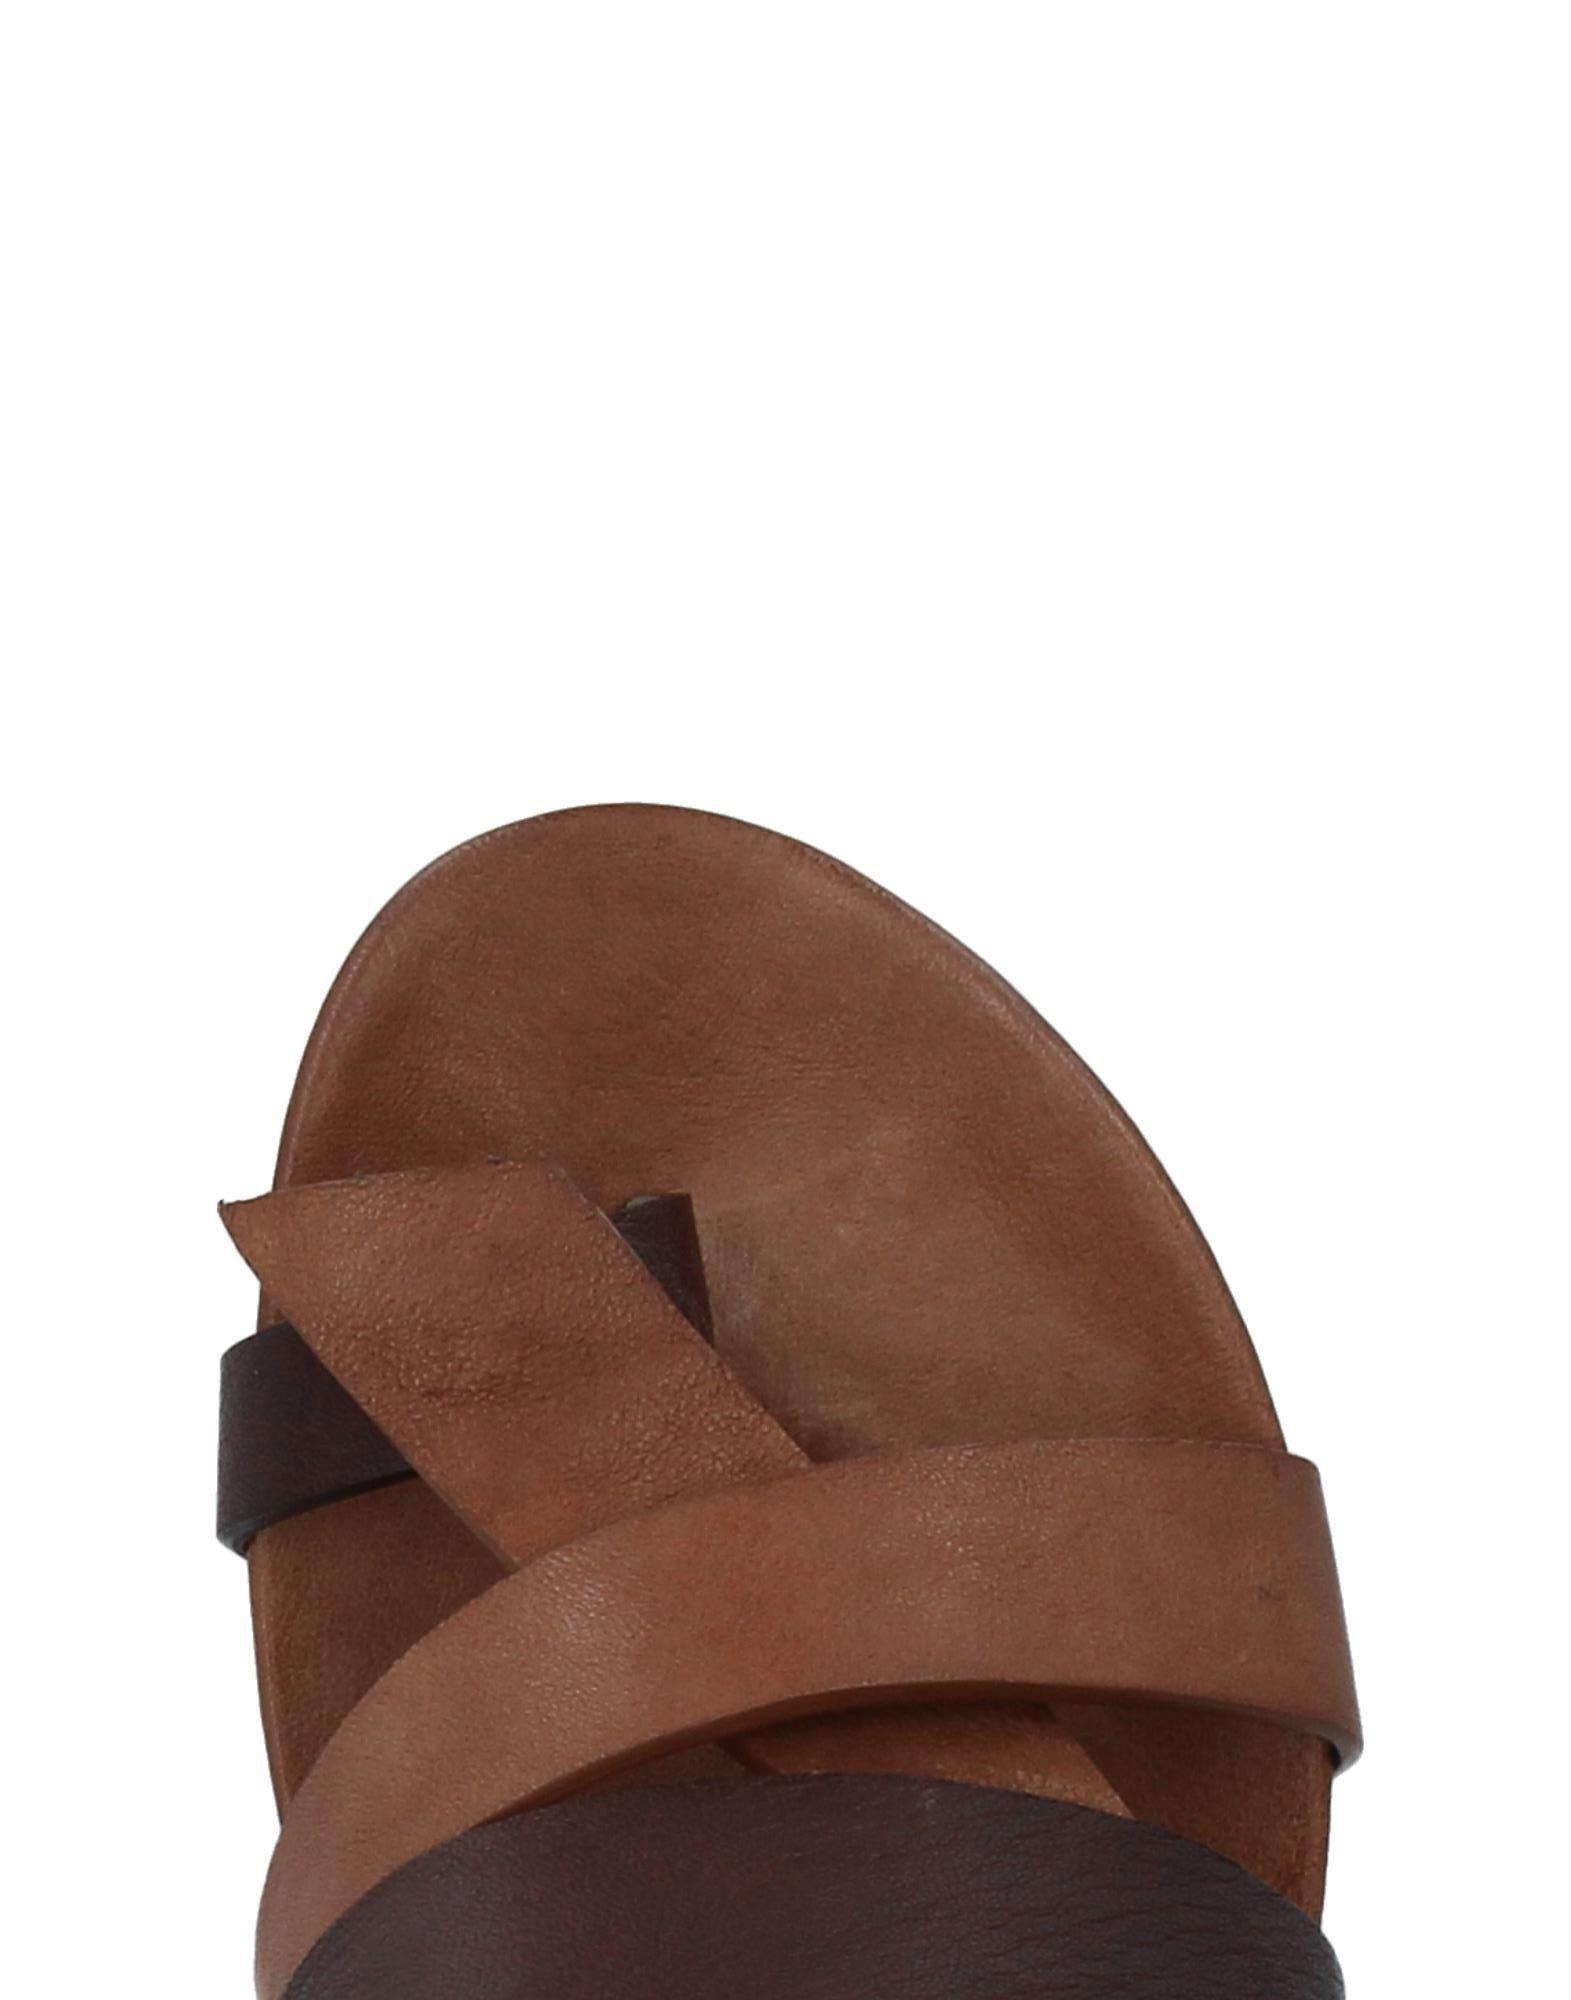 Ixos Sandalen Damen   11385090VB Heiße Schuhe 308efb